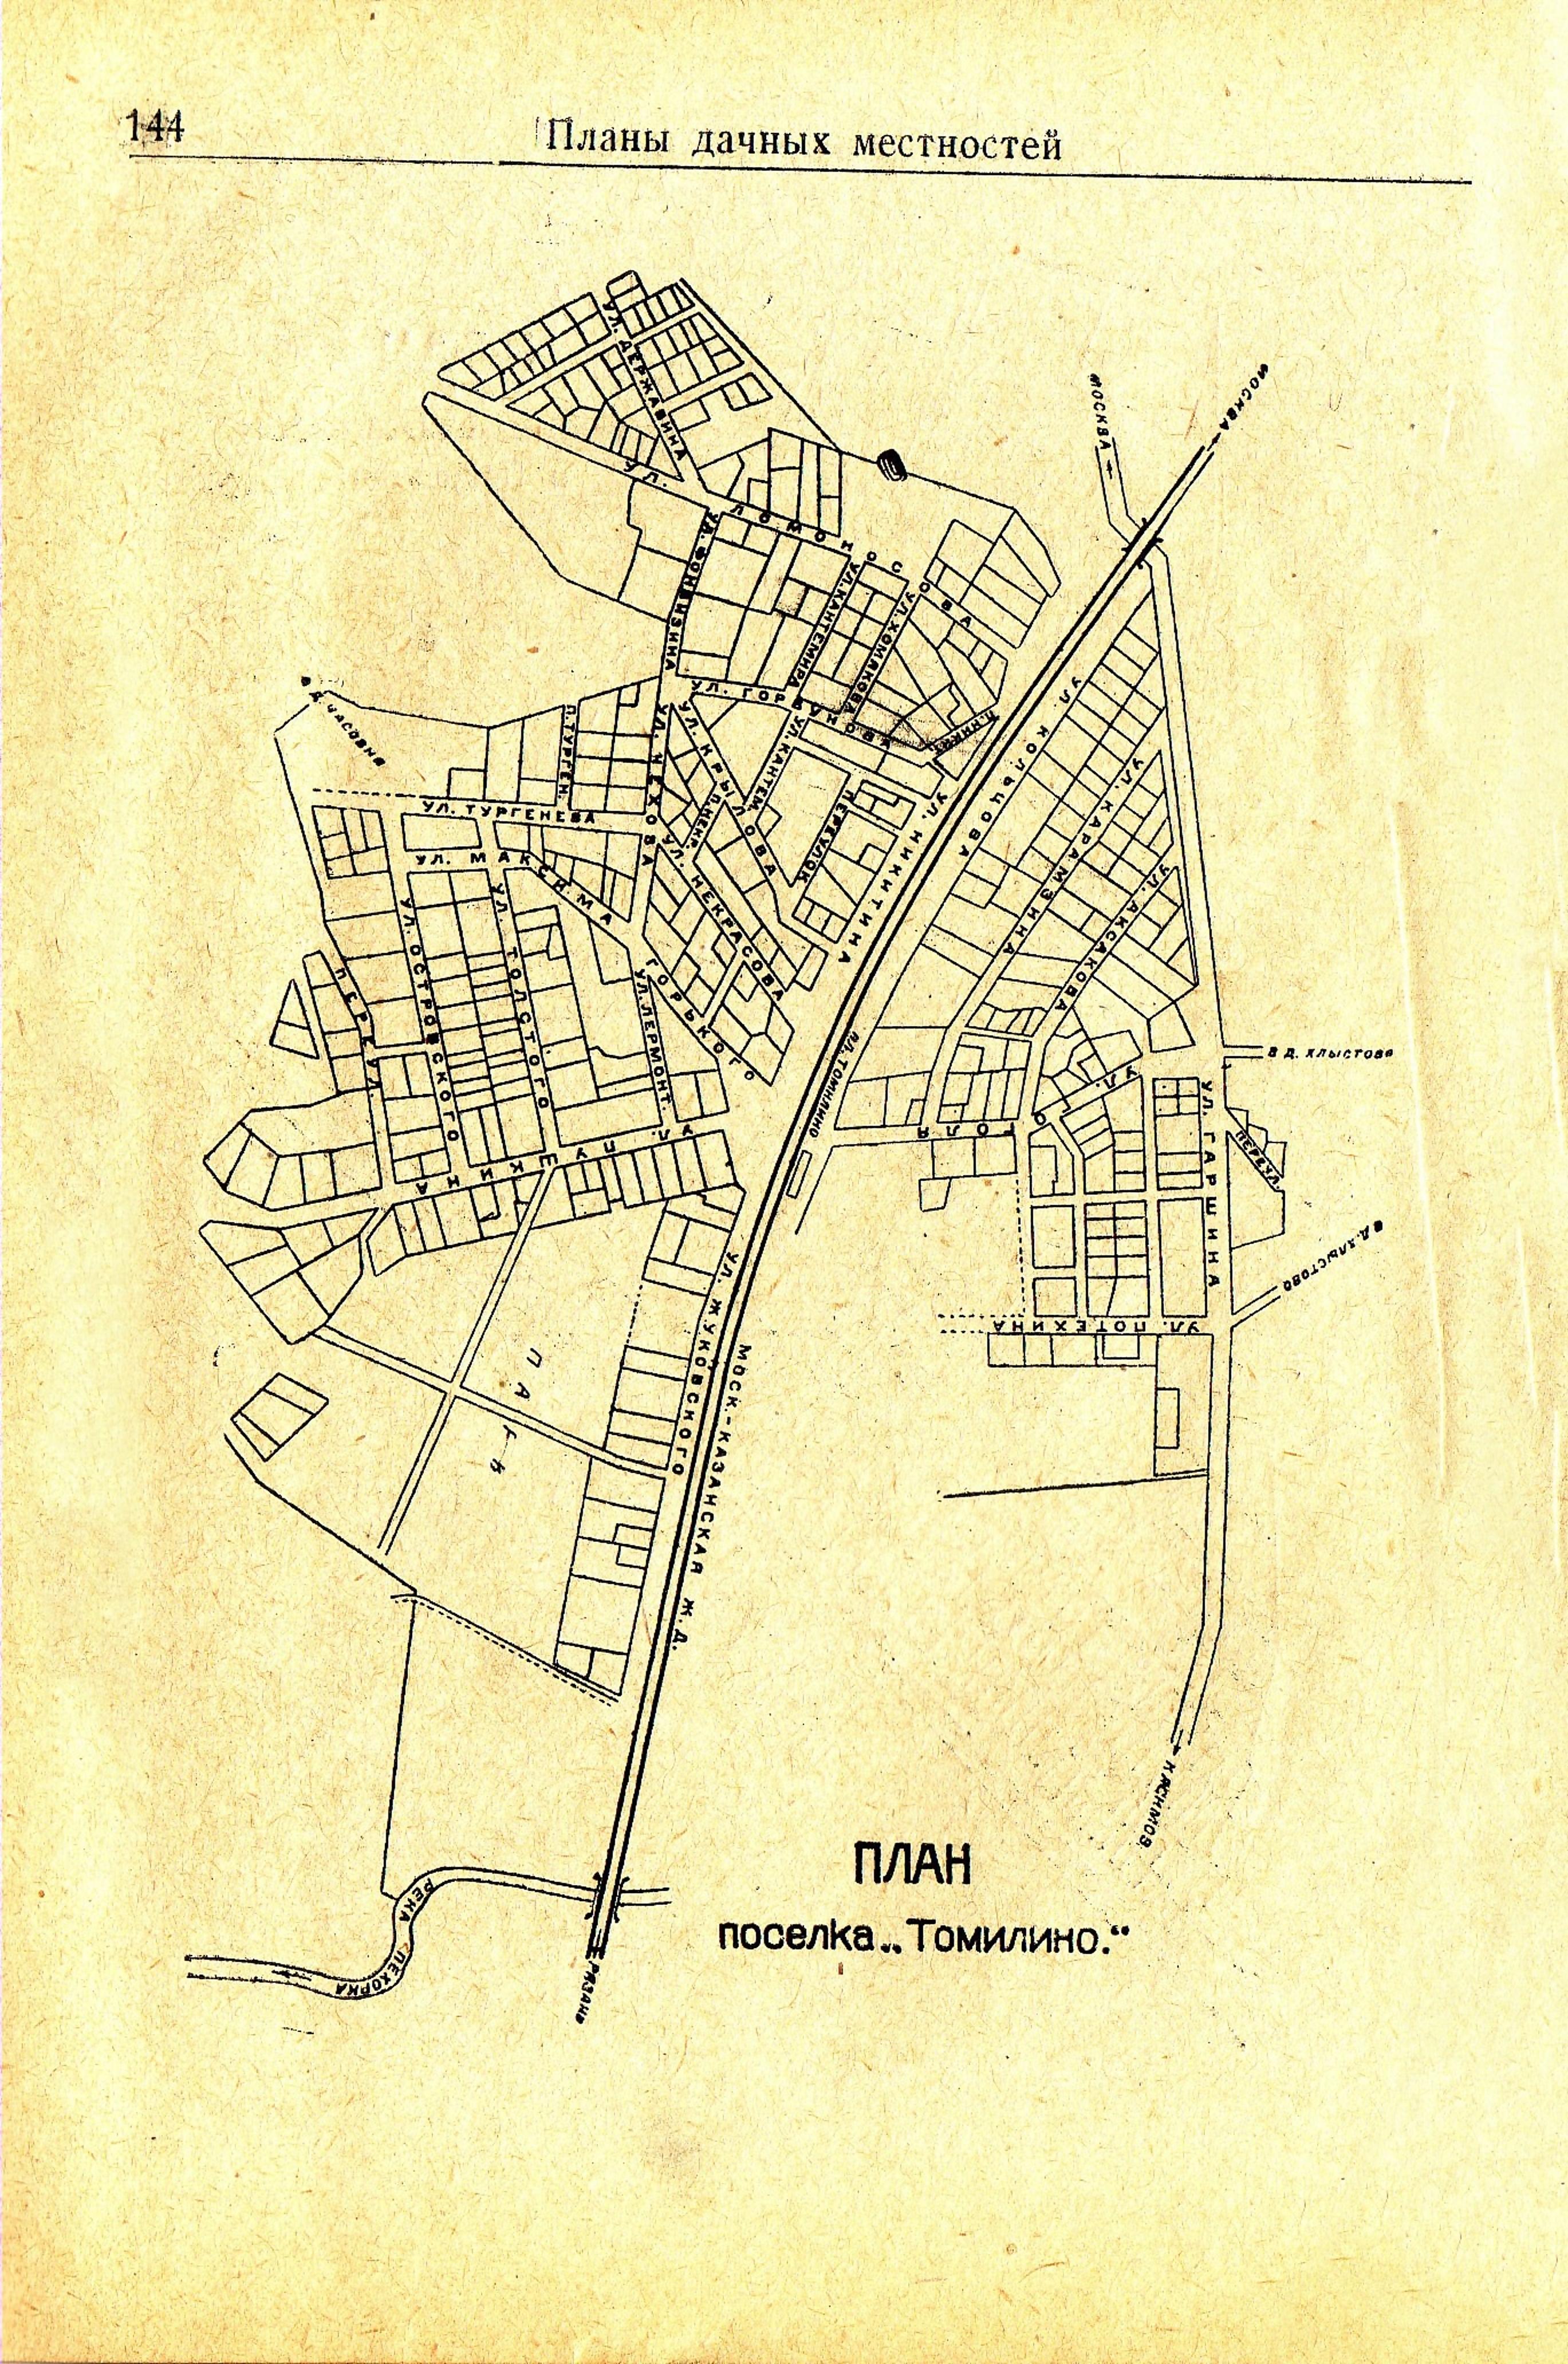 144. План поселка «Томилино»